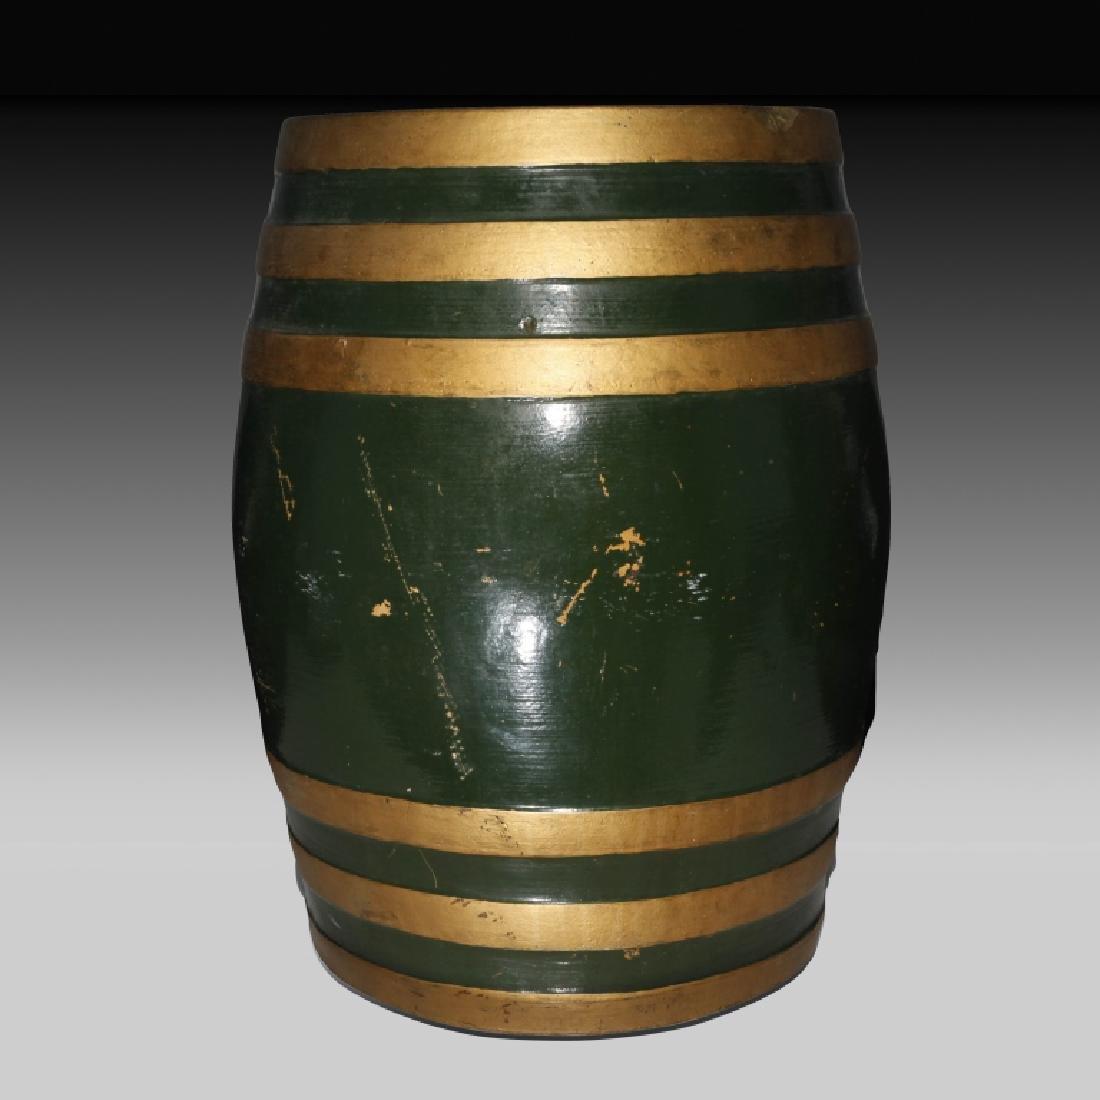 Doulton Lambeth Large Whiskey Barrel with Horses - 3